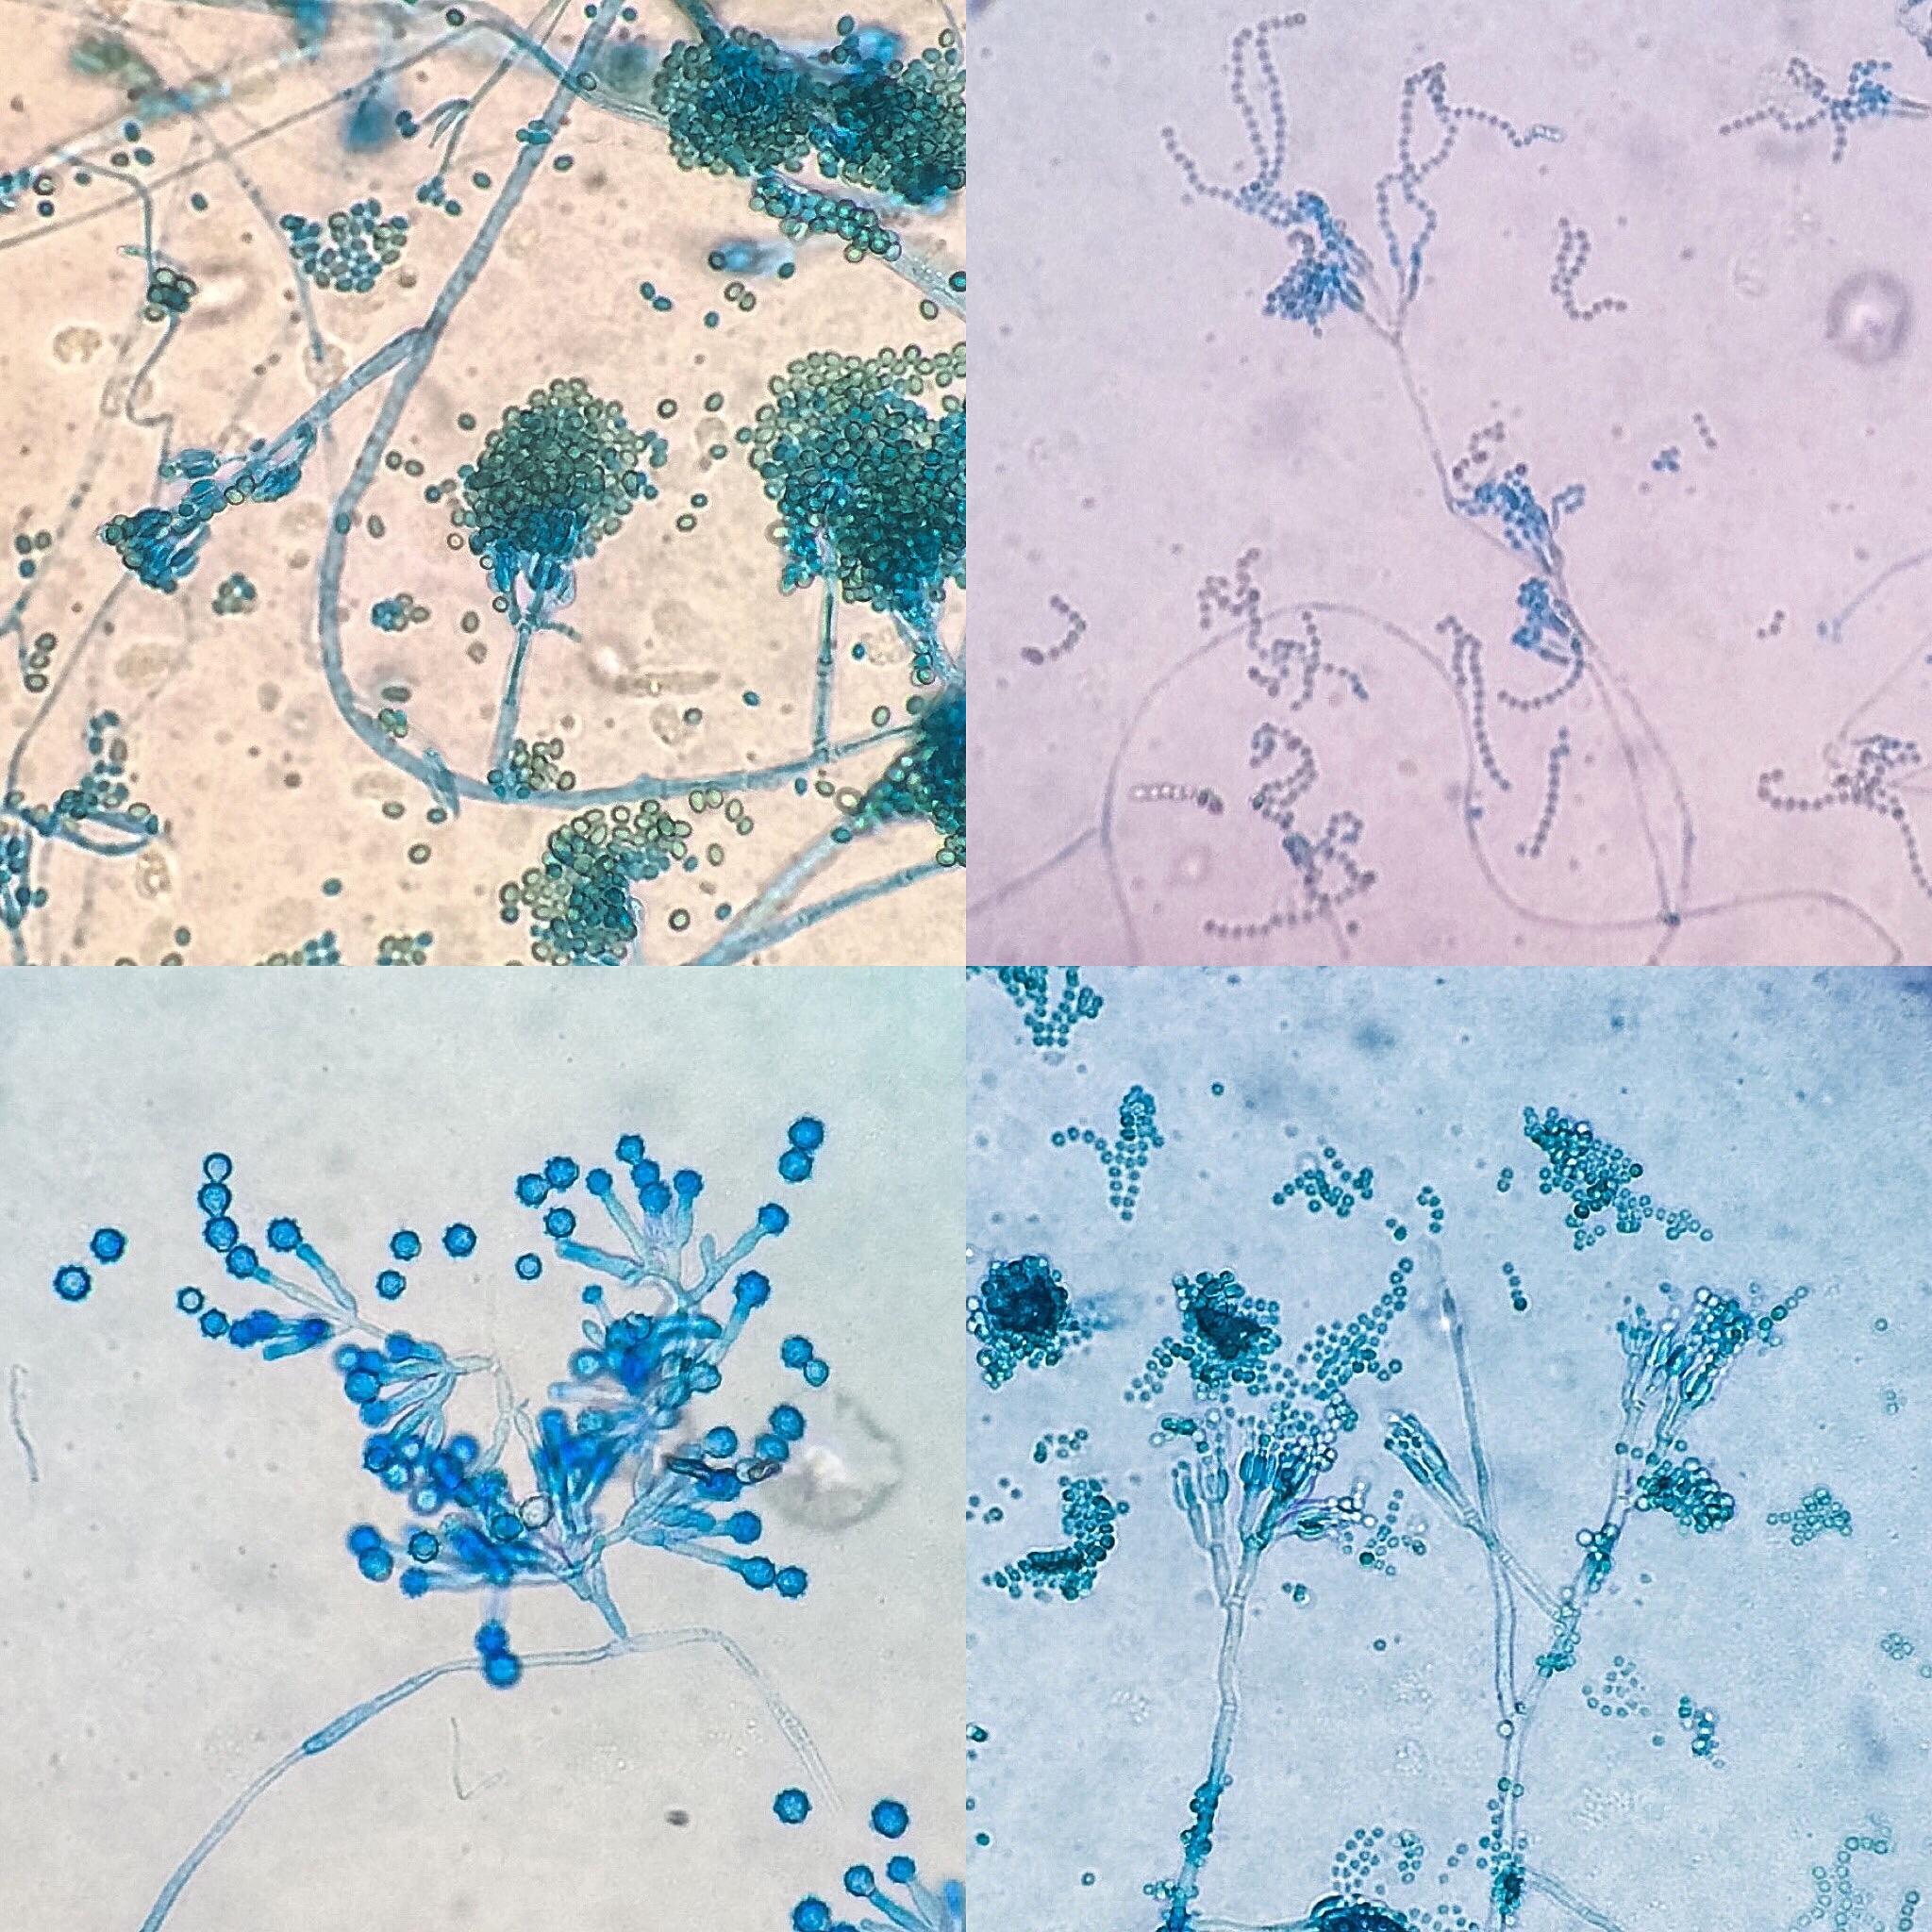 Gliolcadium, Paecilomyces, Penicillium, Scopulariopsis